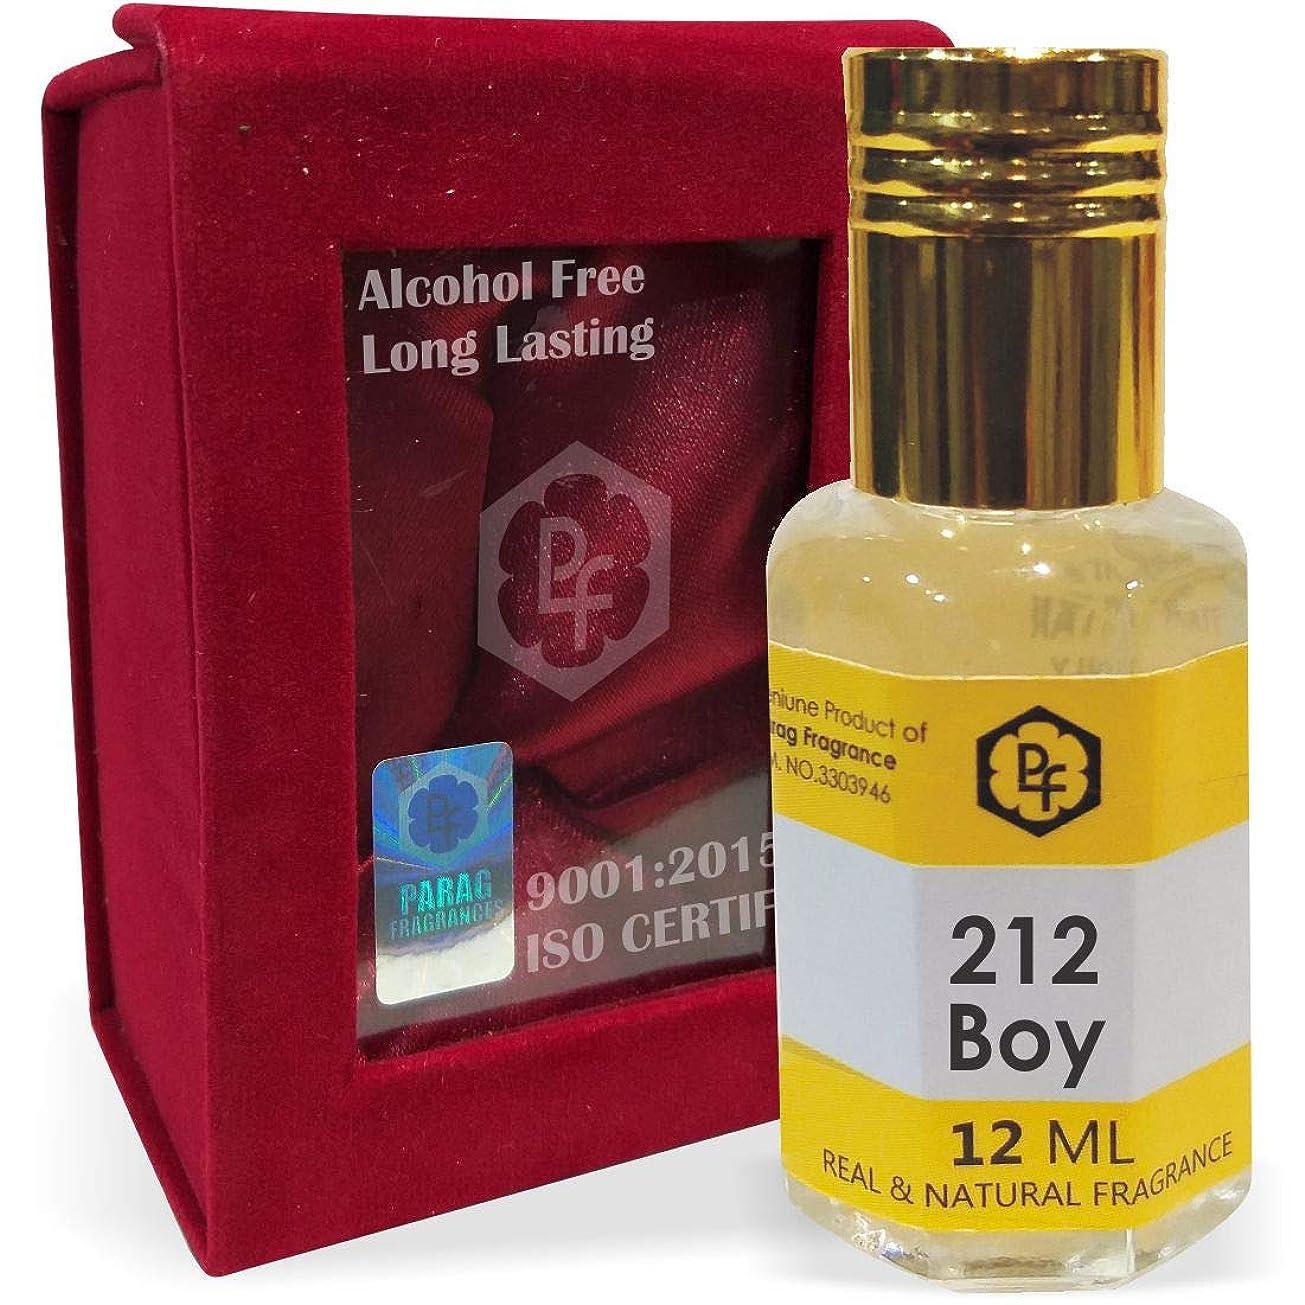 シンジケート警官判定Paragフレグランス手作りベルベットボックス212ボーイ12ミリリットルアター/香水(インドの伝統的なBhapka処理方法により、インド製)オイル/フレグランスオイル 長持ちアターITRA最高の品質